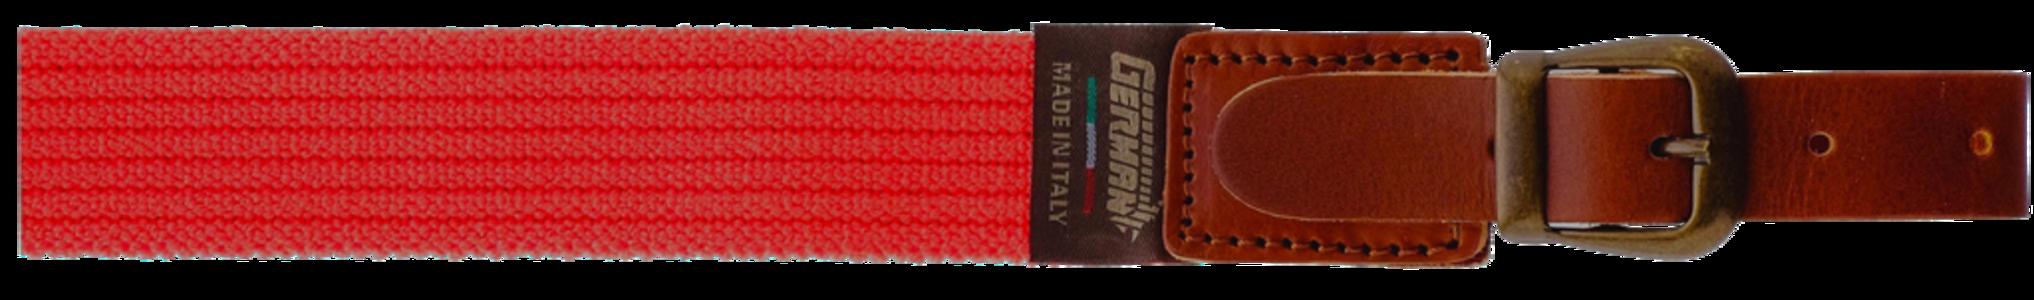 Bretella per fucile in tessuto elastico rigato colore arancio fluo mm.30